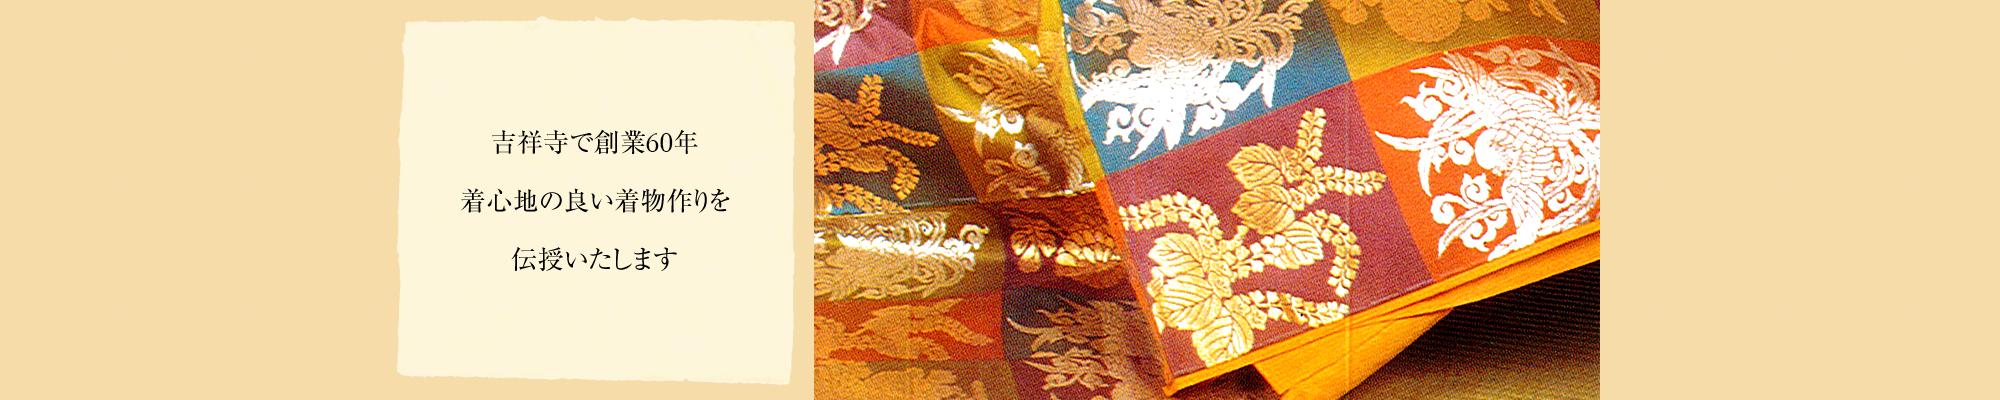 吉祥寺で創業58年着心地の良い着物作りをいたします